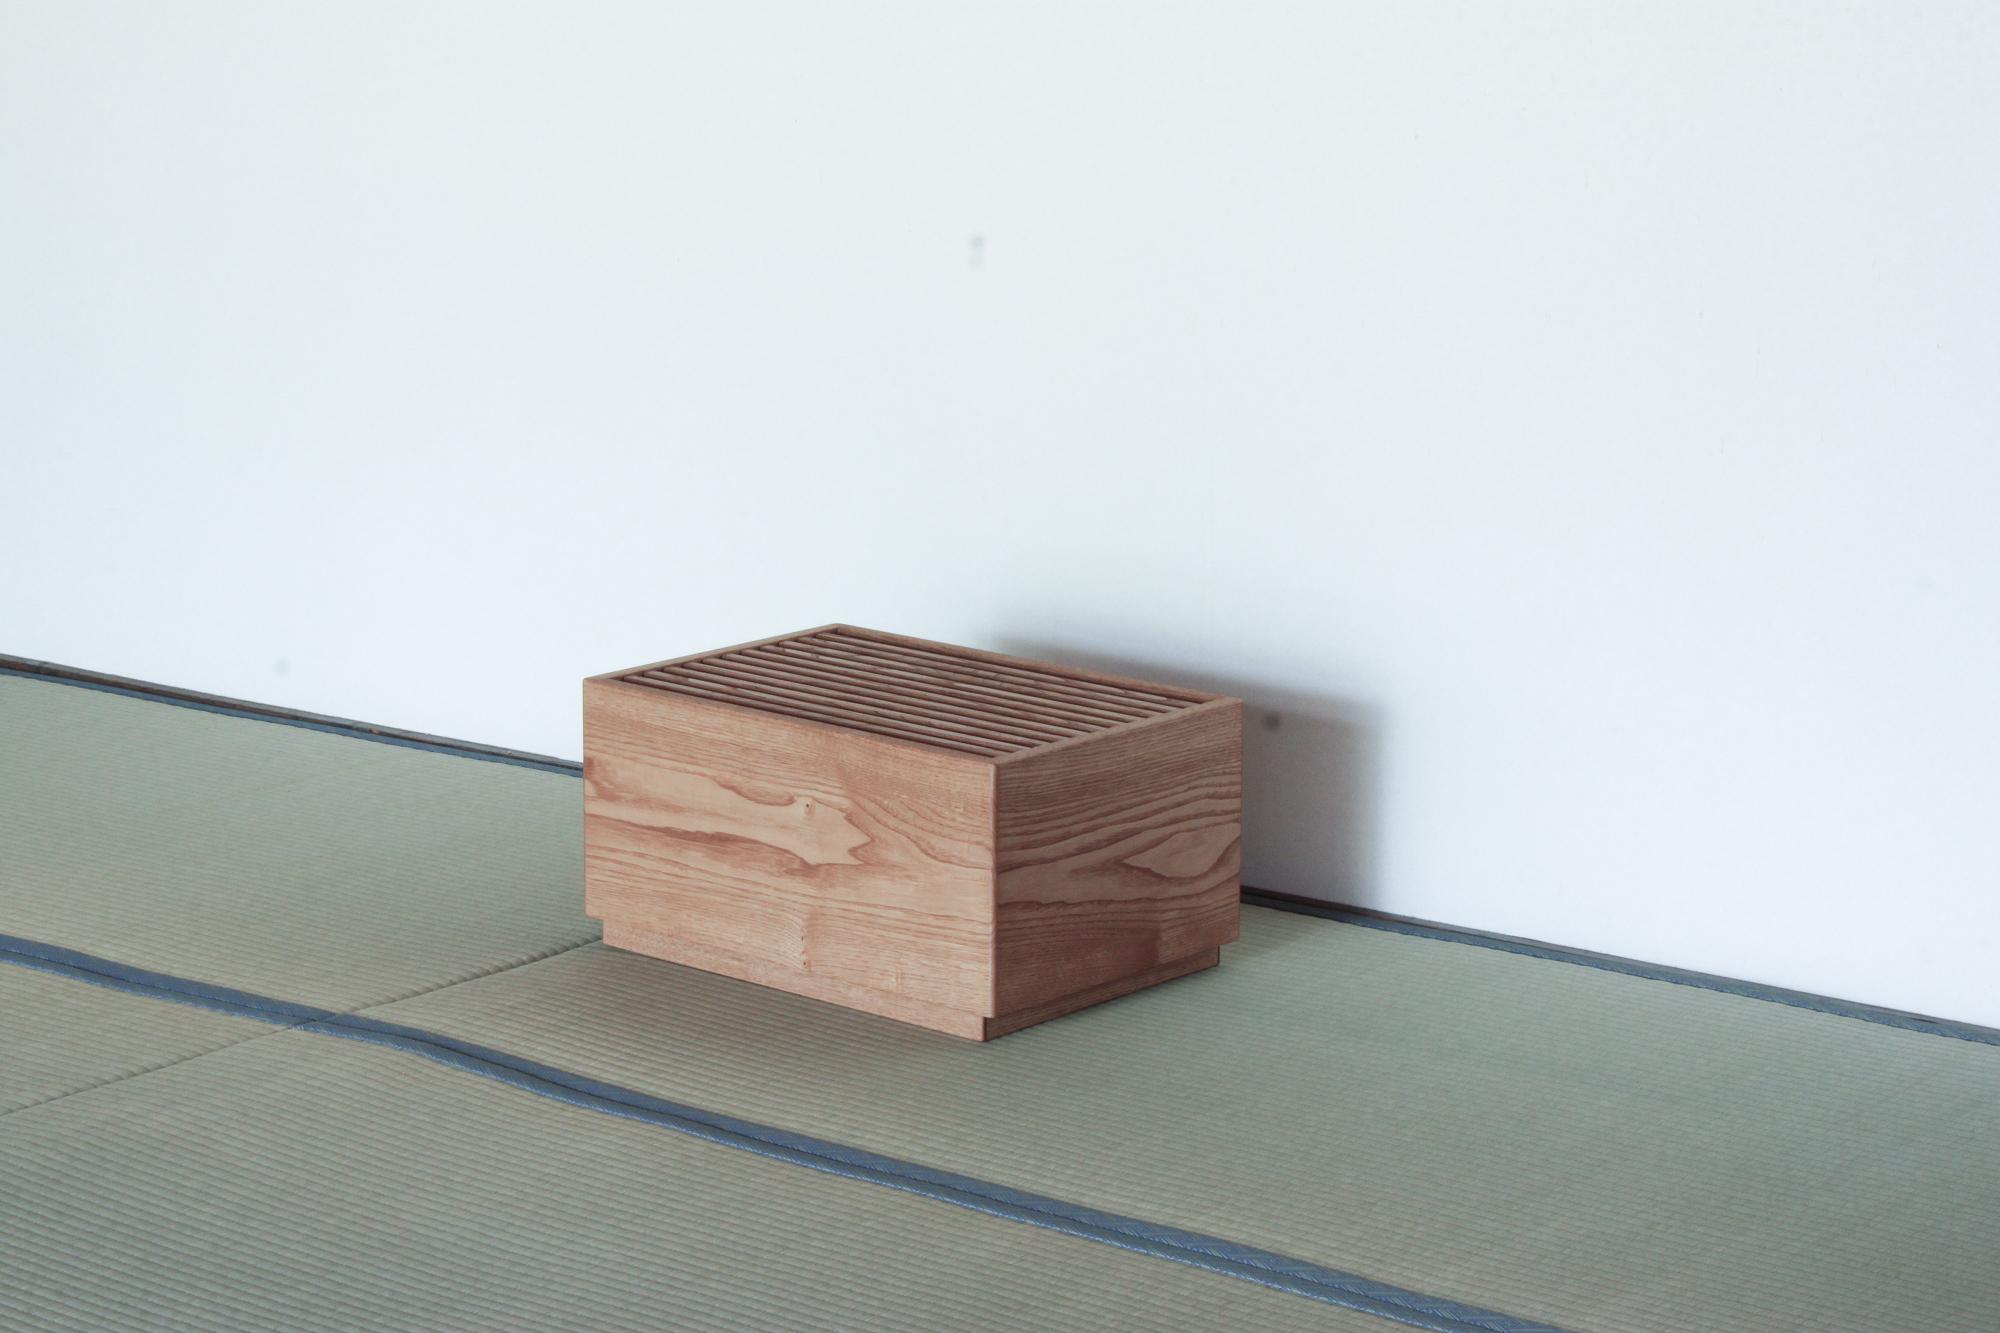 泉龍寺-賽銭-3Fweb02